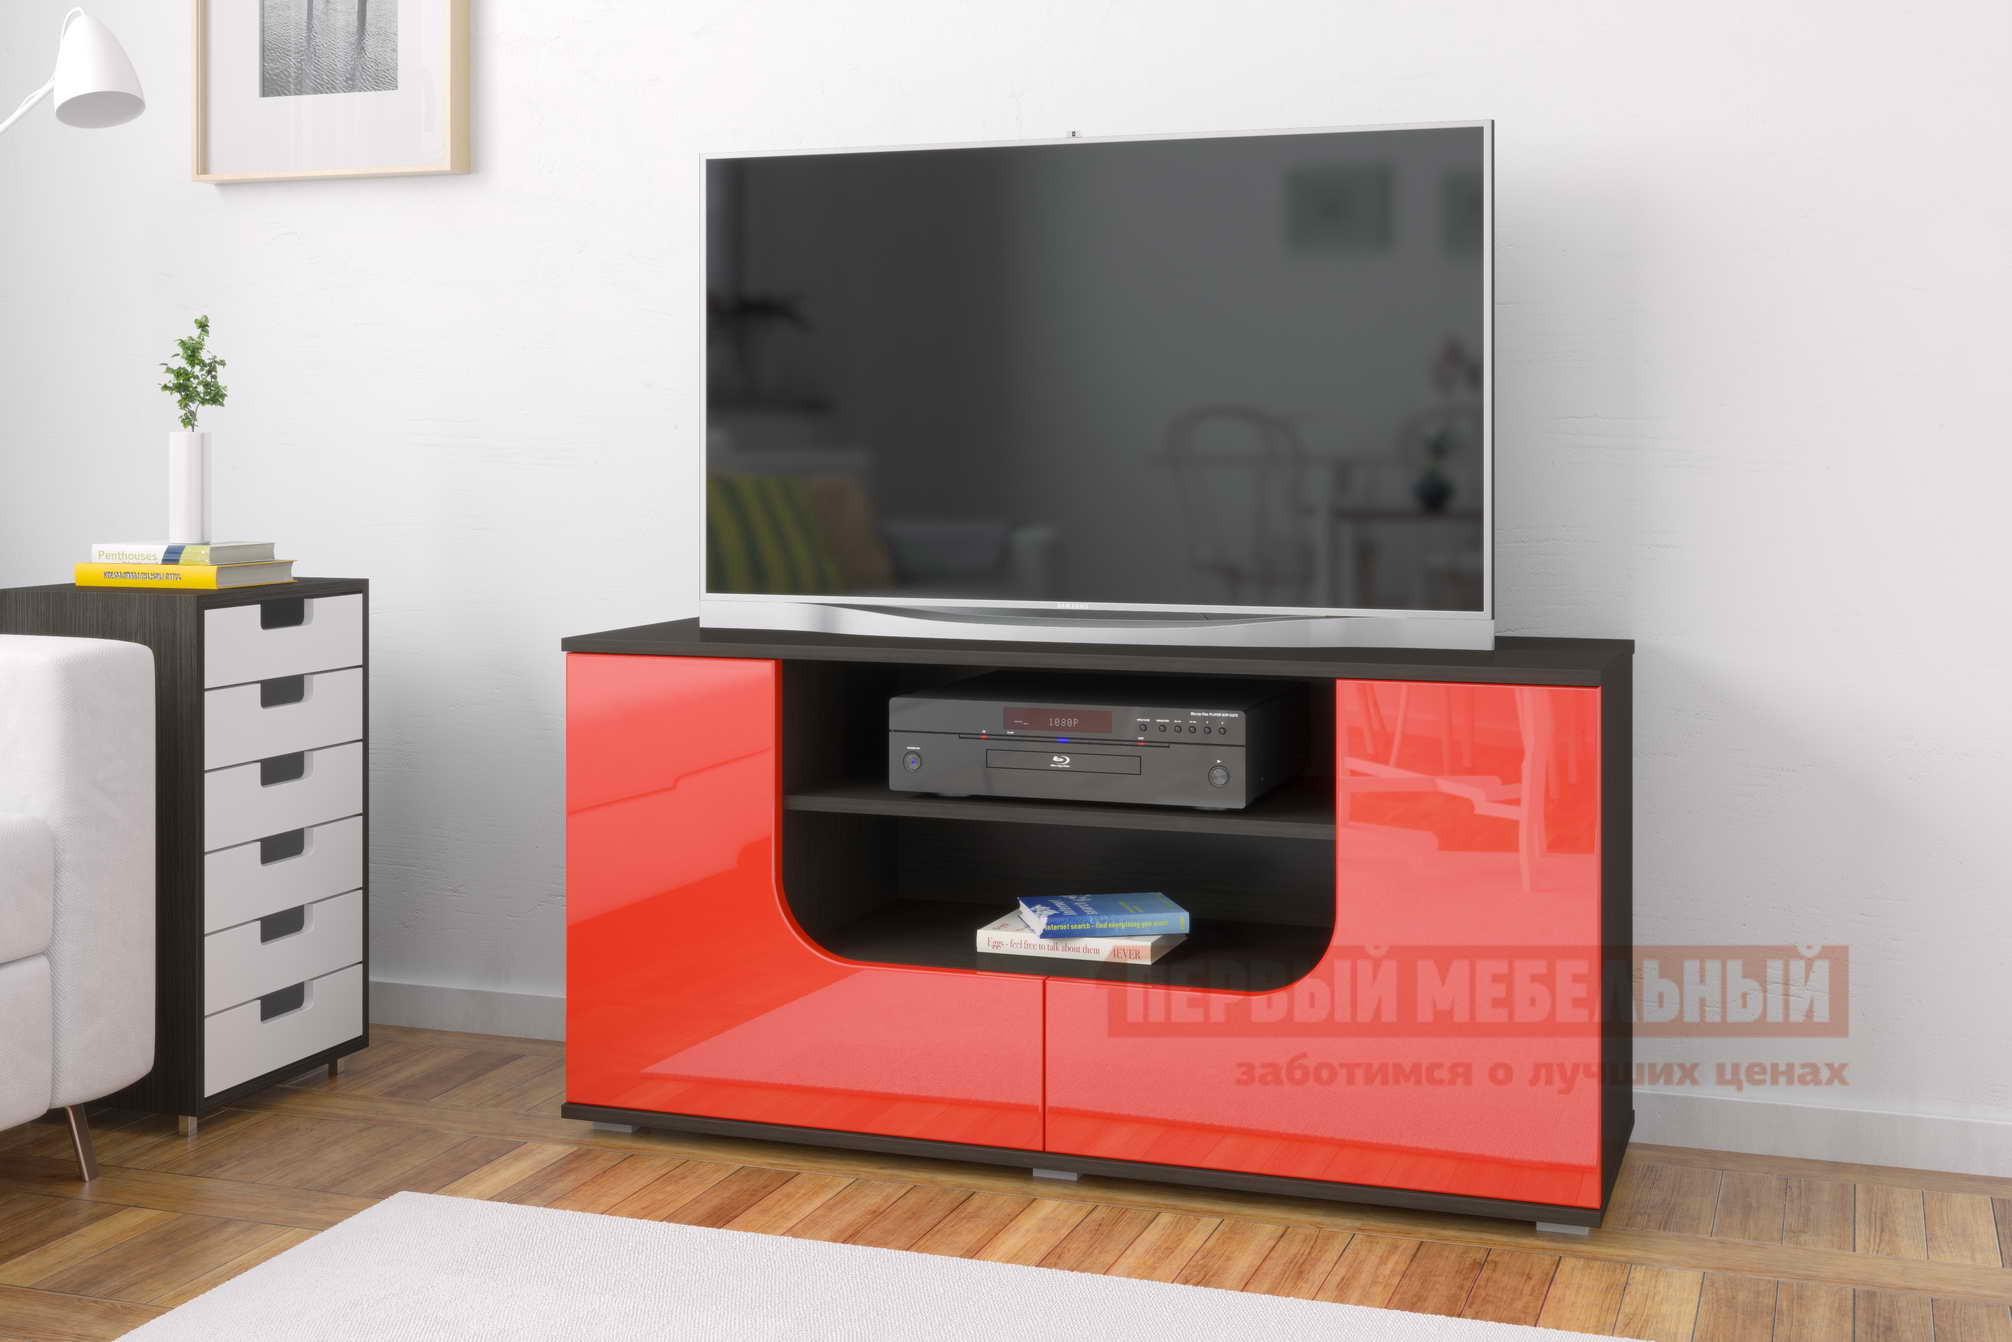 ТВ-тумба Мебелеф Тумба под ТВ «Мебелеф-4» Венге, Красный глянец 2951